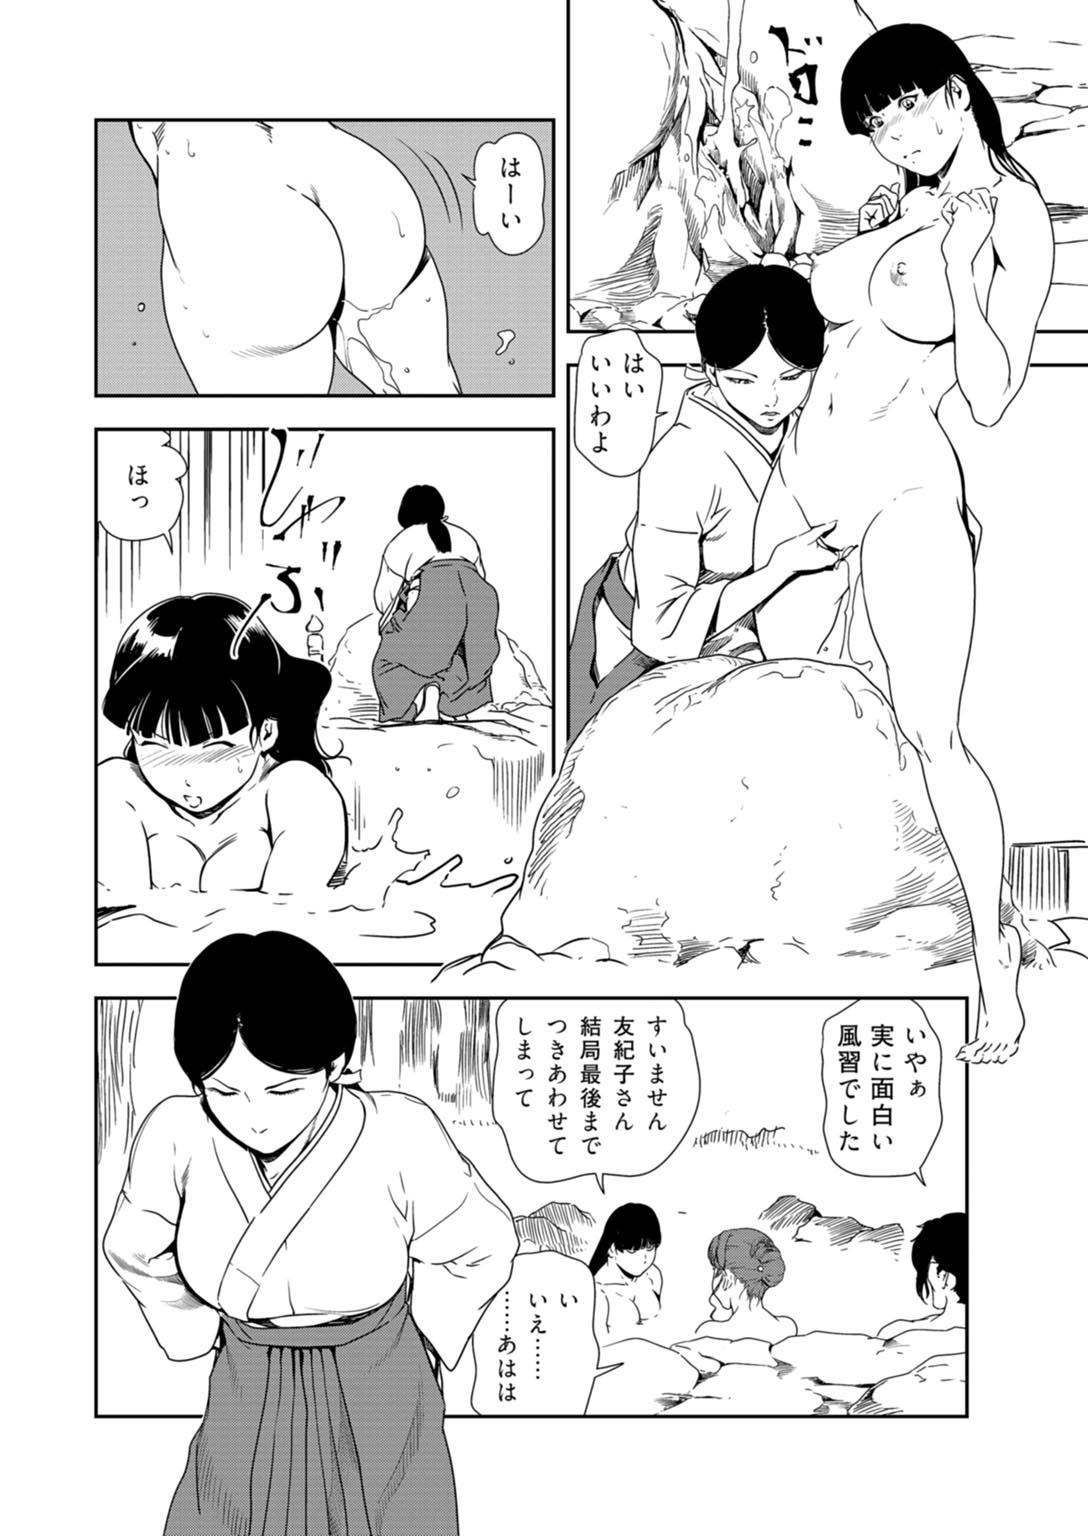 Nikuhisyo Yukiko 33 34